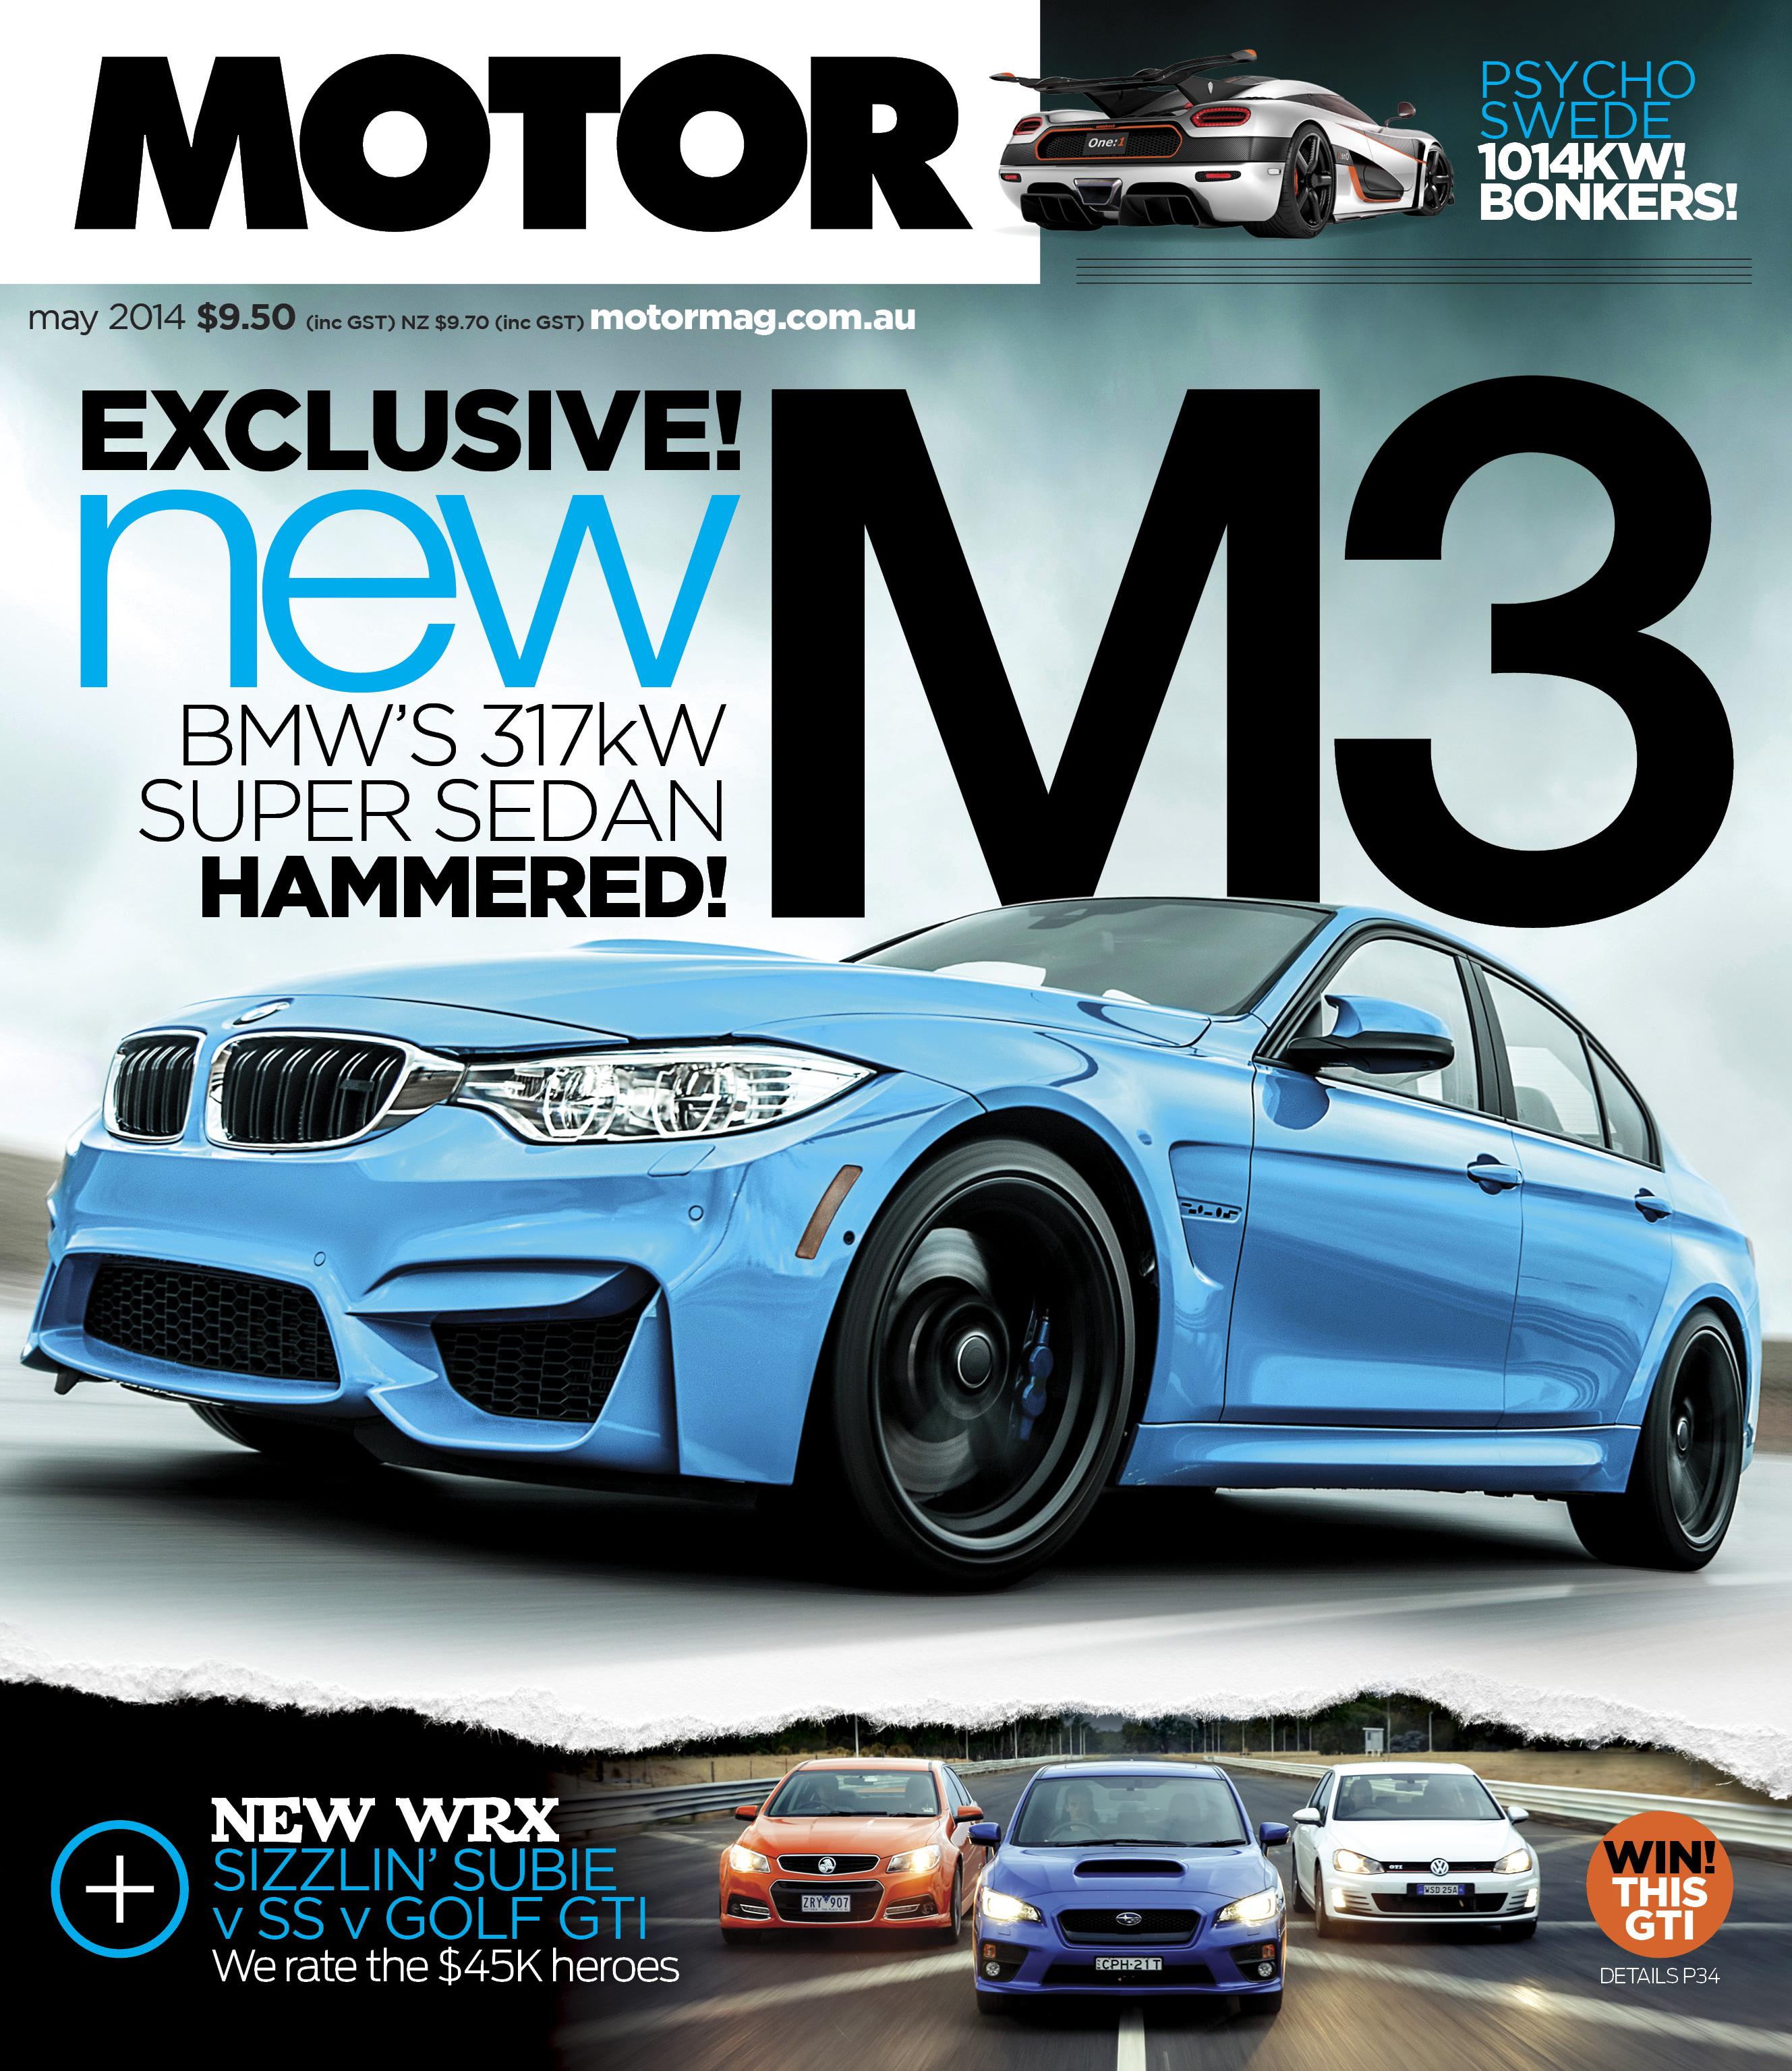 Motor Magazine Image